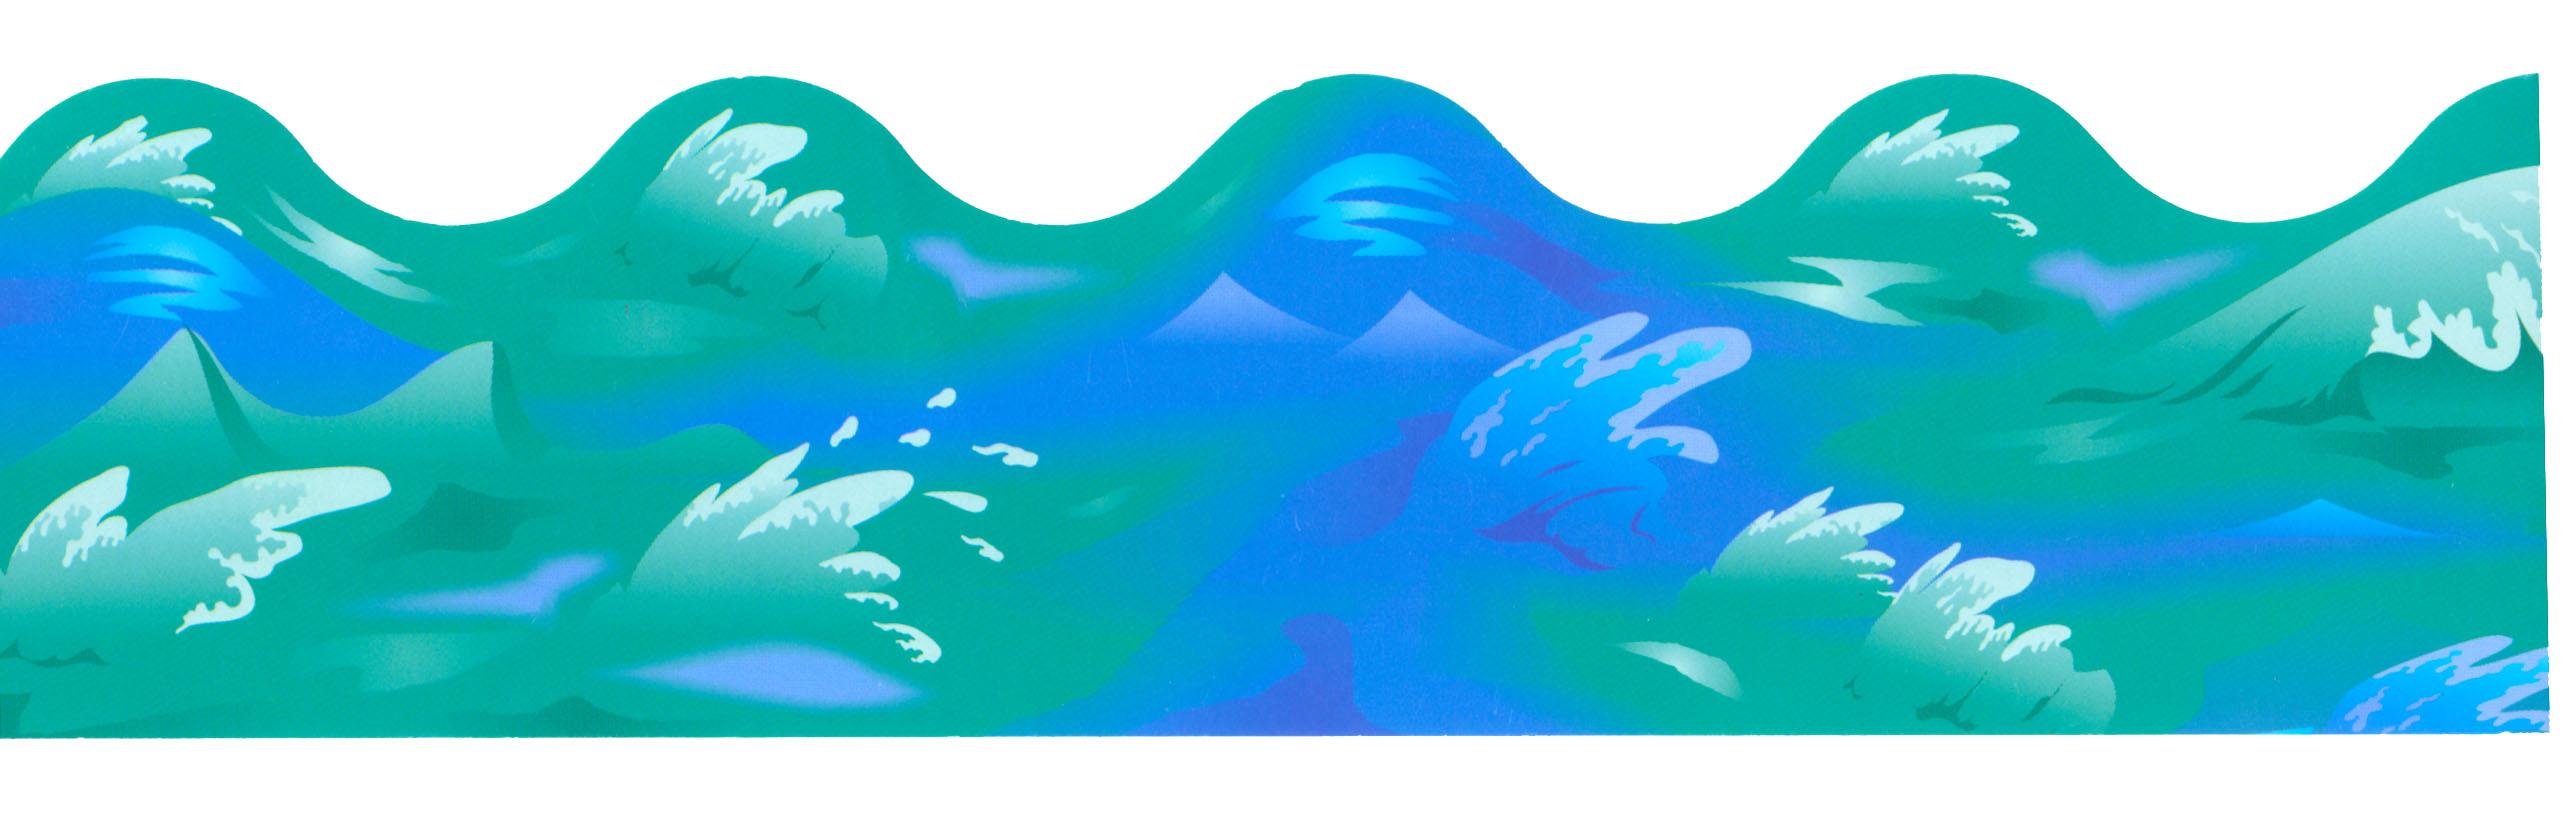 . Clipart waves wave hawaiian